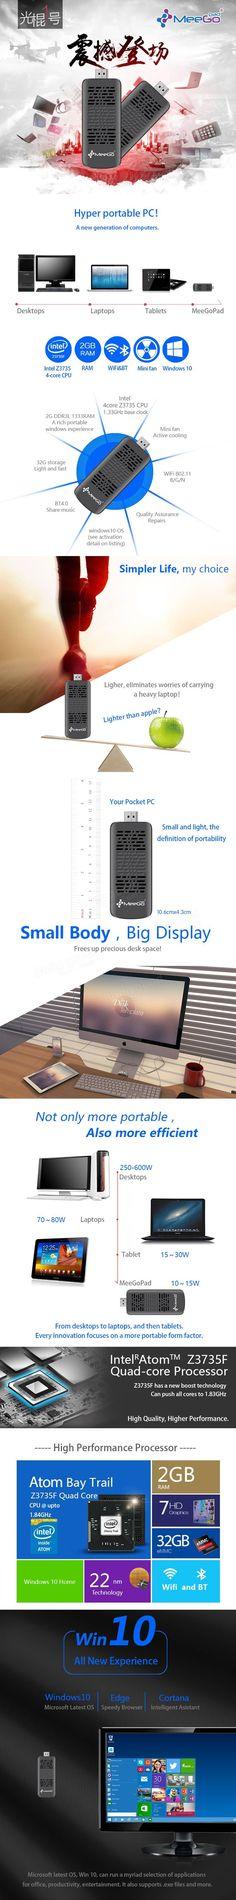 [Original Win10 Licensed] MeegoPad T05 Wireless Mini PC Intel Atom Z3735F 2GB DDR3L 32GB eMMC Sale - Banggood.com